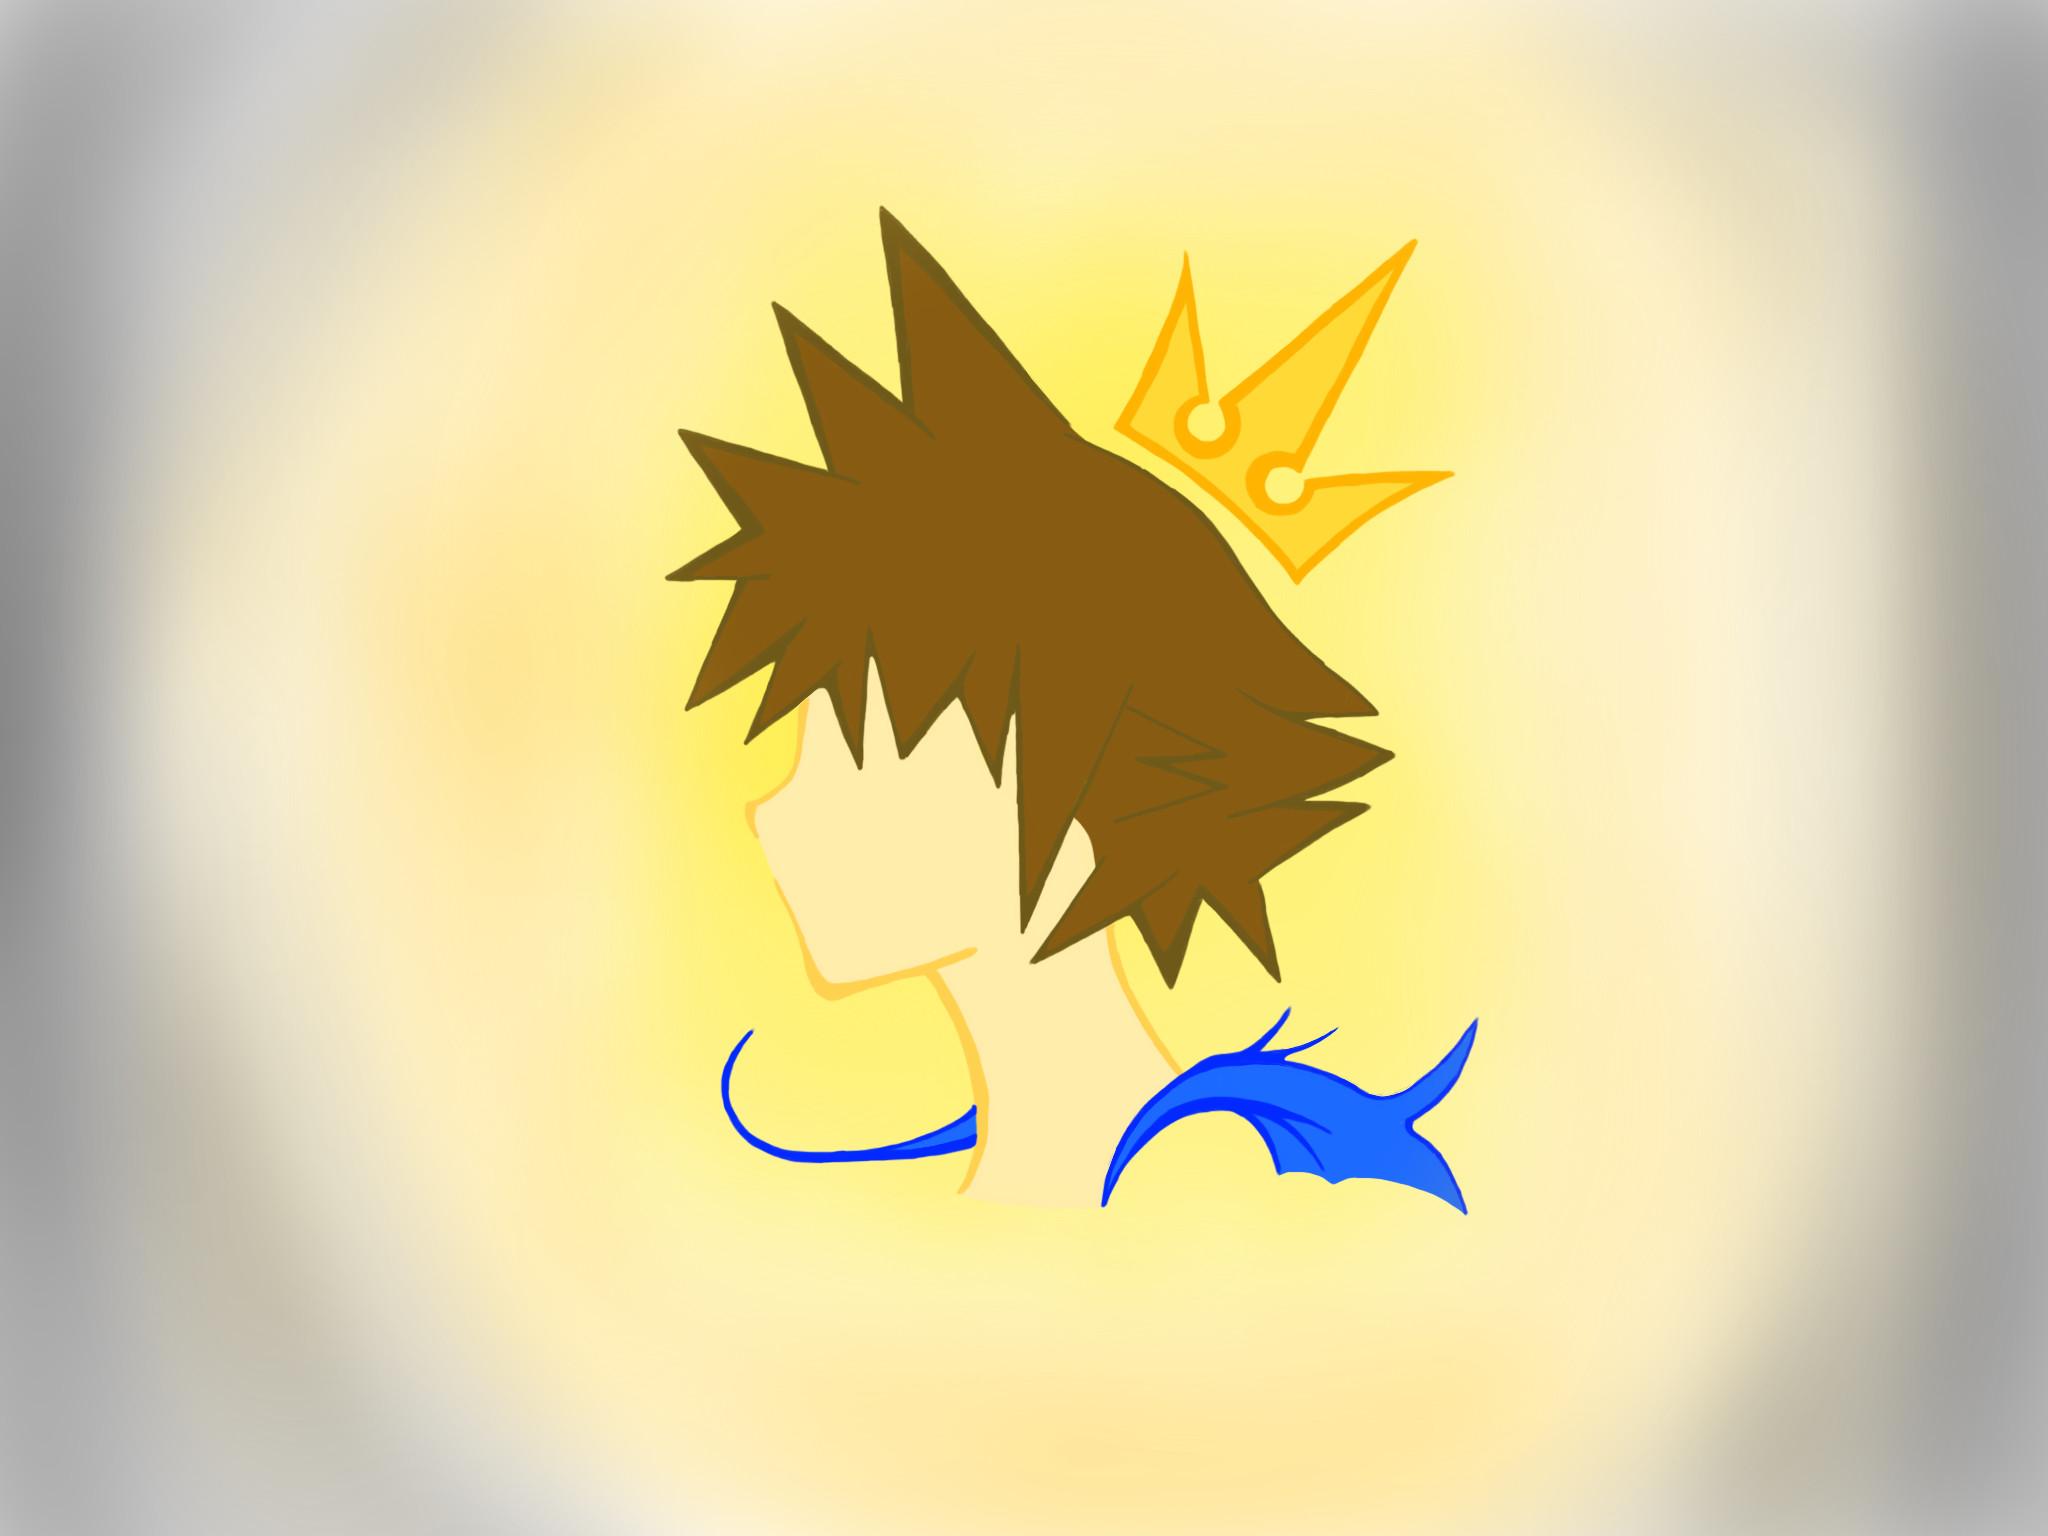 Kingdom Hearts Sora Wallpaper - Sora Kingdom Hearts Hd , HD Wallpaper & Backgrounds